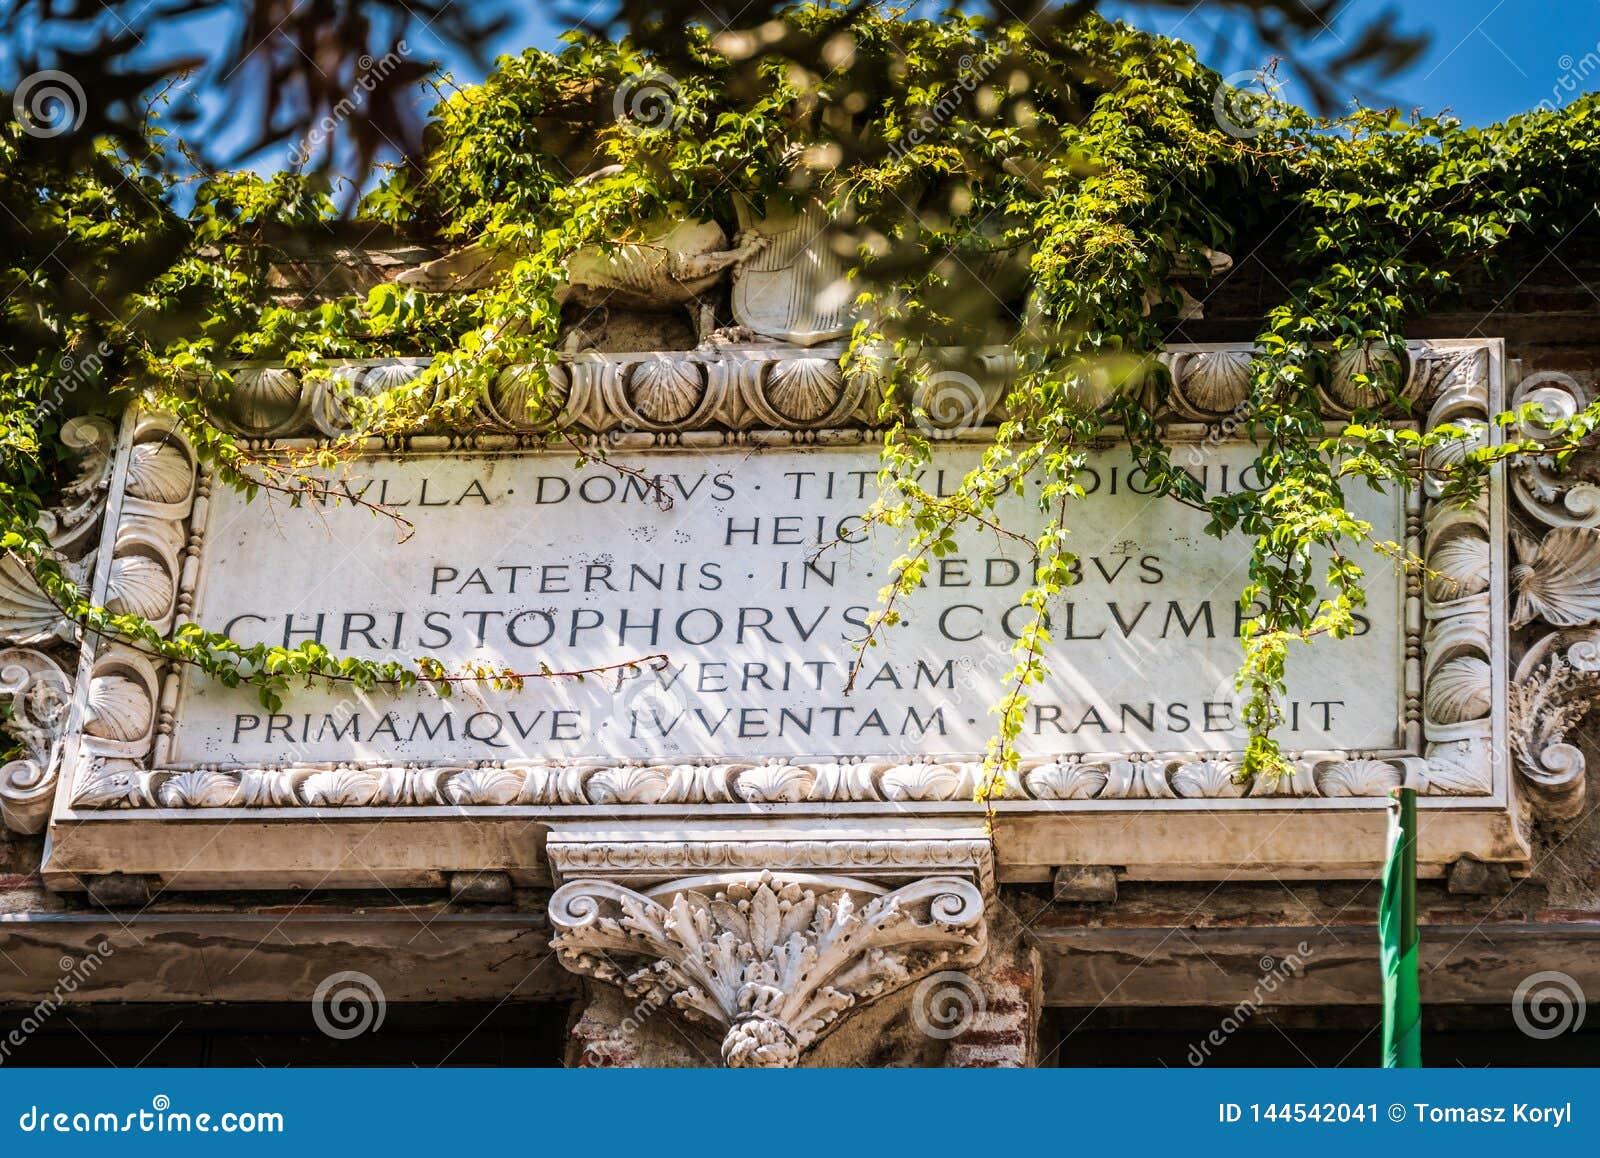 Christopher Columbus House, Genua - Casa Di Cristoforo Colombo, Genua, Italië, Europa